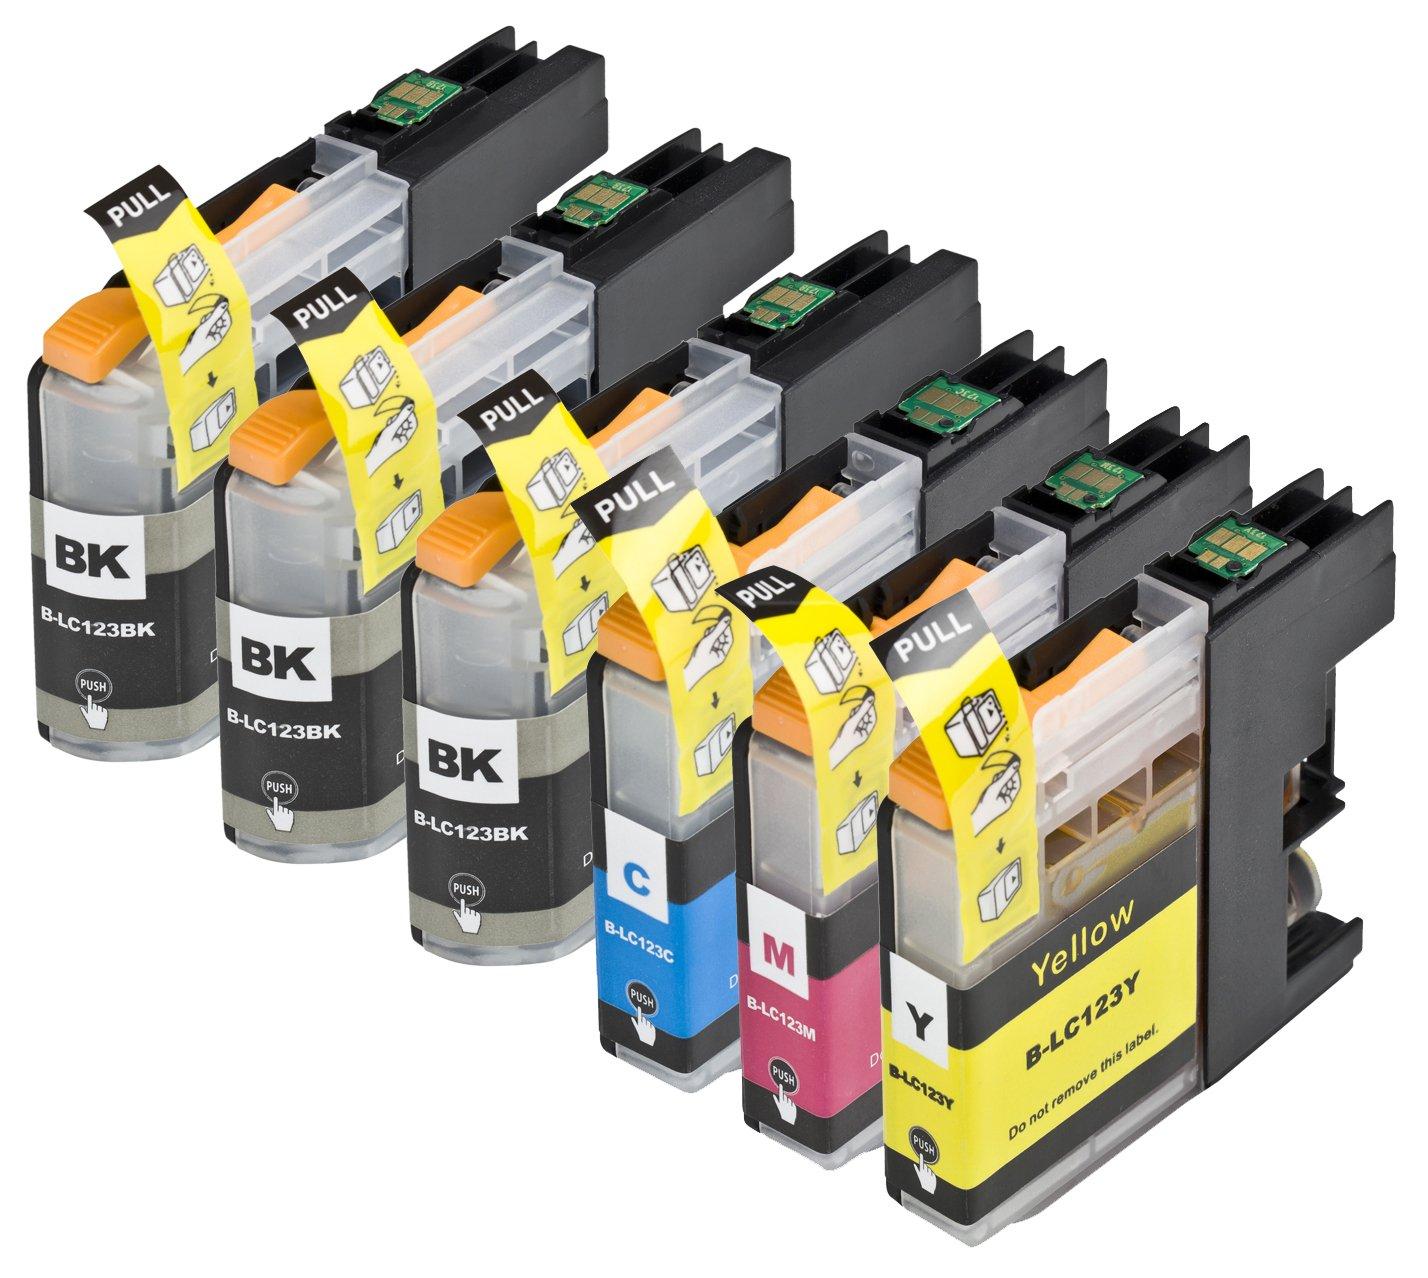 6 Multipack de alta capacidad Brother LC123 Cartuchos Compatibles 3 negro, 1 ciano, 1 magenta, 1 amarillo para Brother DCP-J132W, DCP-J152W, DCP-J172W, DCP-J552DW, DCP-J752DW, DCP-J4110DW, MFC-J245, MFC-J470DW, MFC-J650DW, MFC-J870DW, MFC-J2310, MFC-J2510, MFC-J4410DW, MFC-J4510DW, MFC-J4610DW, MFC-J4710DW, MFC-J6520DW, MFC-J6720DW, MFC-J6920DW. Cartucho de tinta . LC123BK , LC123C , LC123M , LC123Y © 123 Cartucho  Electrónica Más información y revisión del cliente